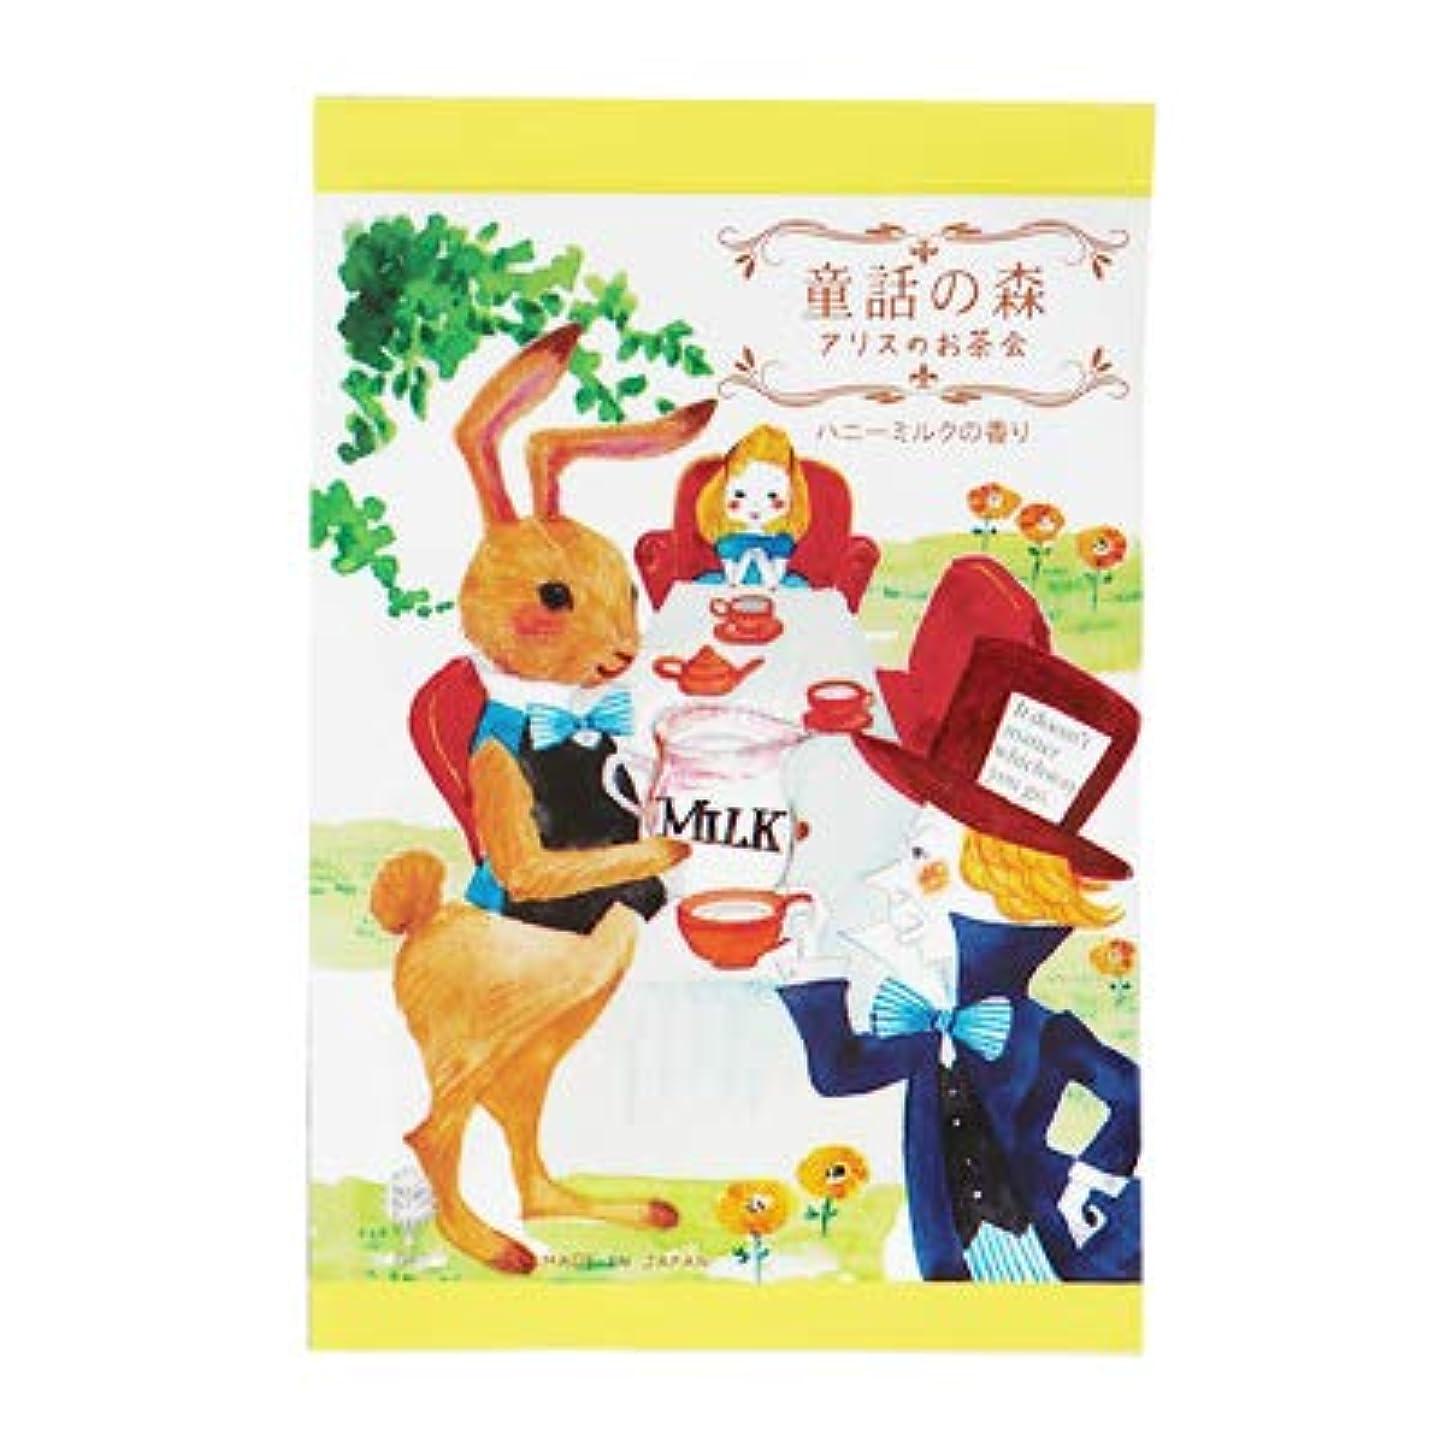 ヘビサルベージであること【まとめ買い6個セット】 童話の森 アリスのお茶会